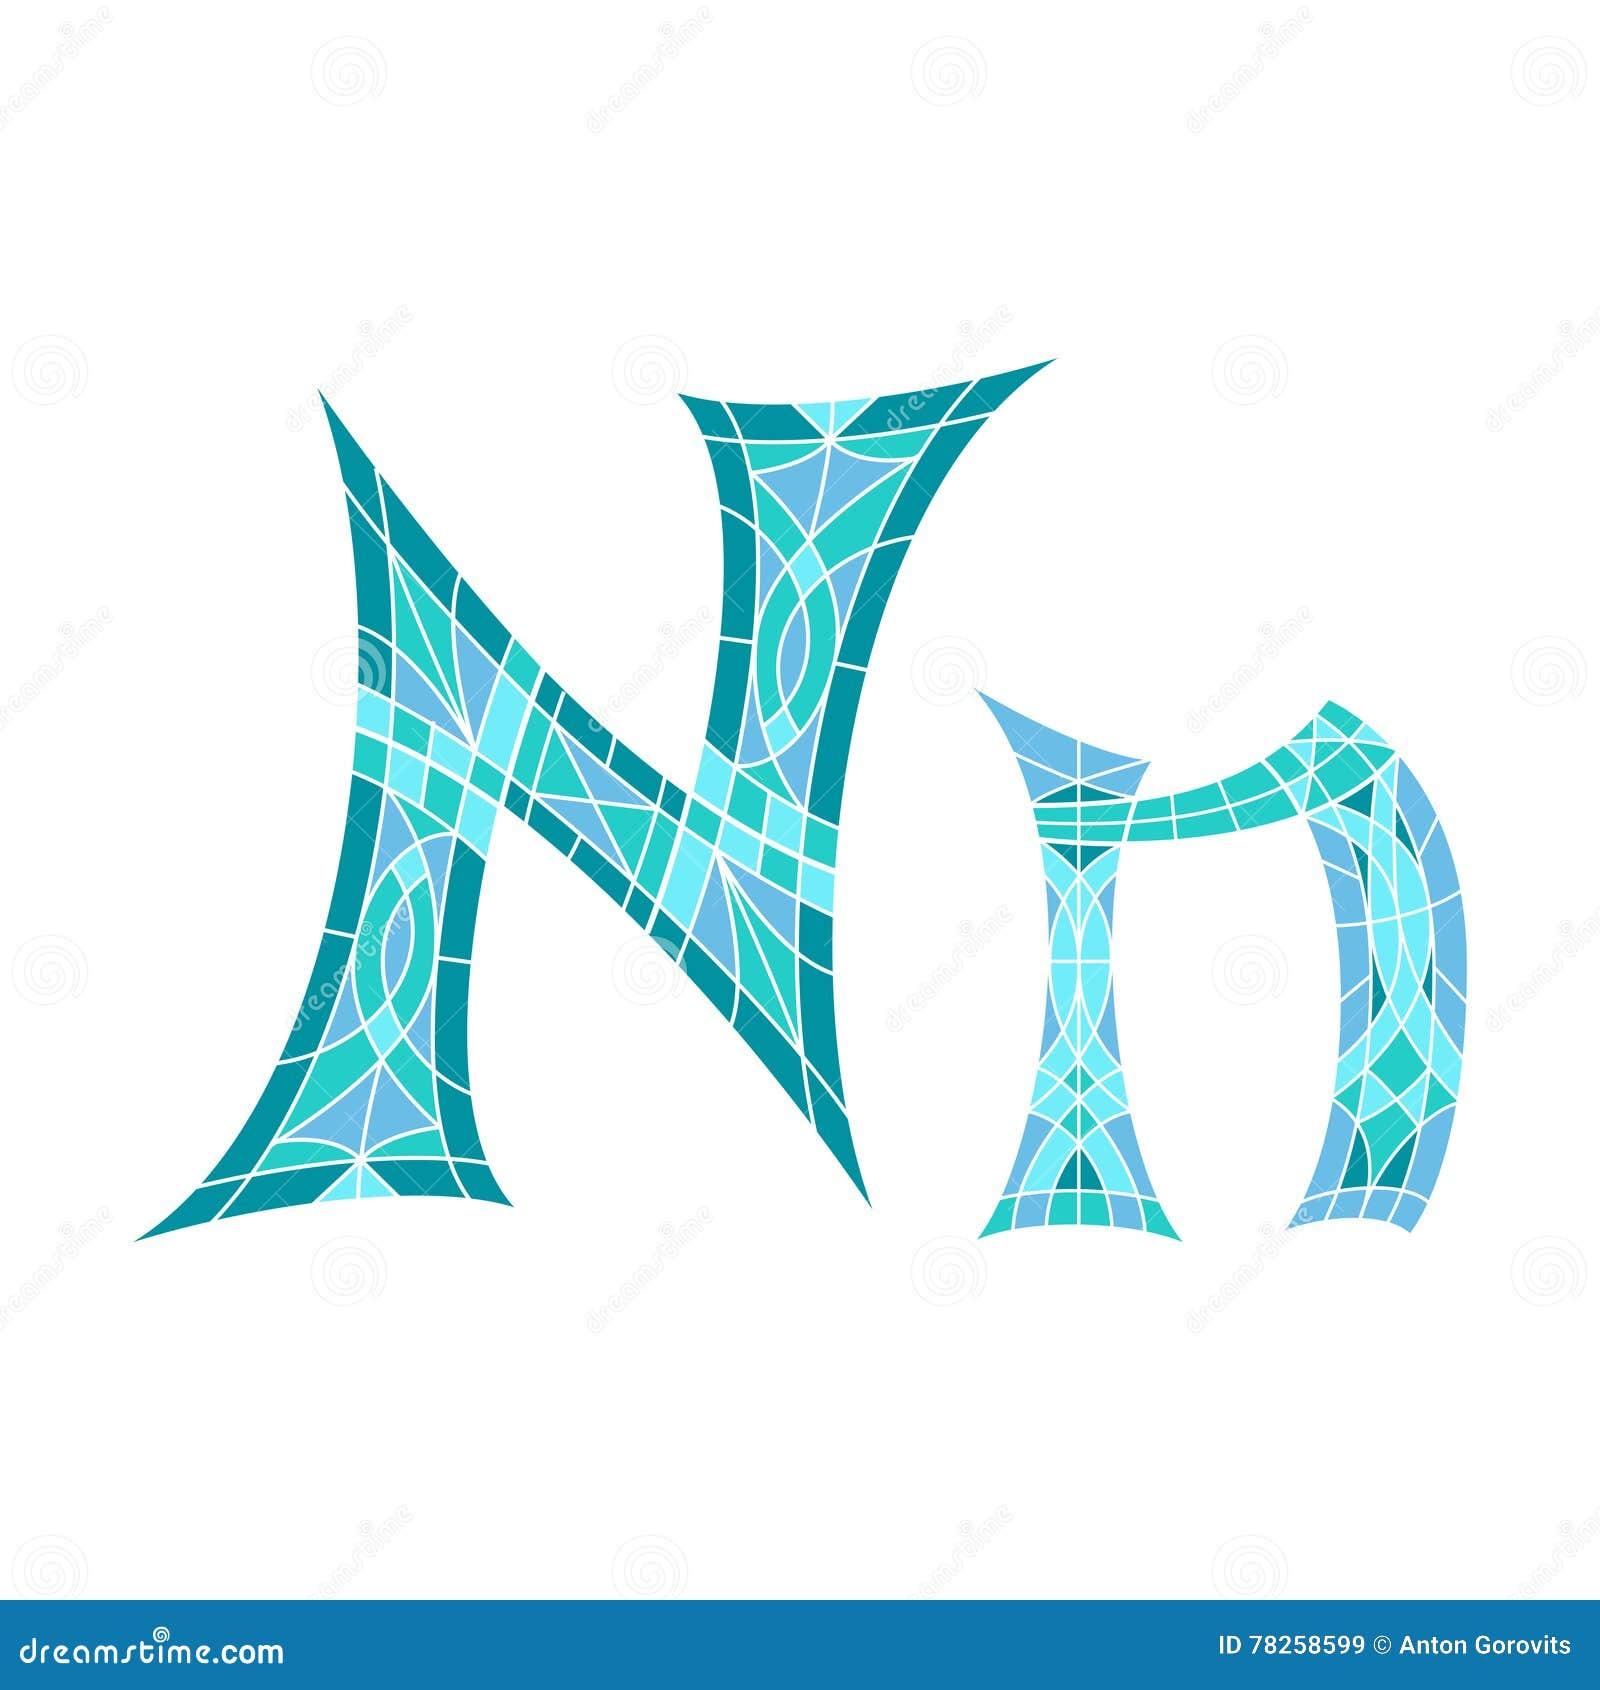 Χαμηλό πολυ γράμμα Ν στο μπλε πολύγωνο μωσαϊκών